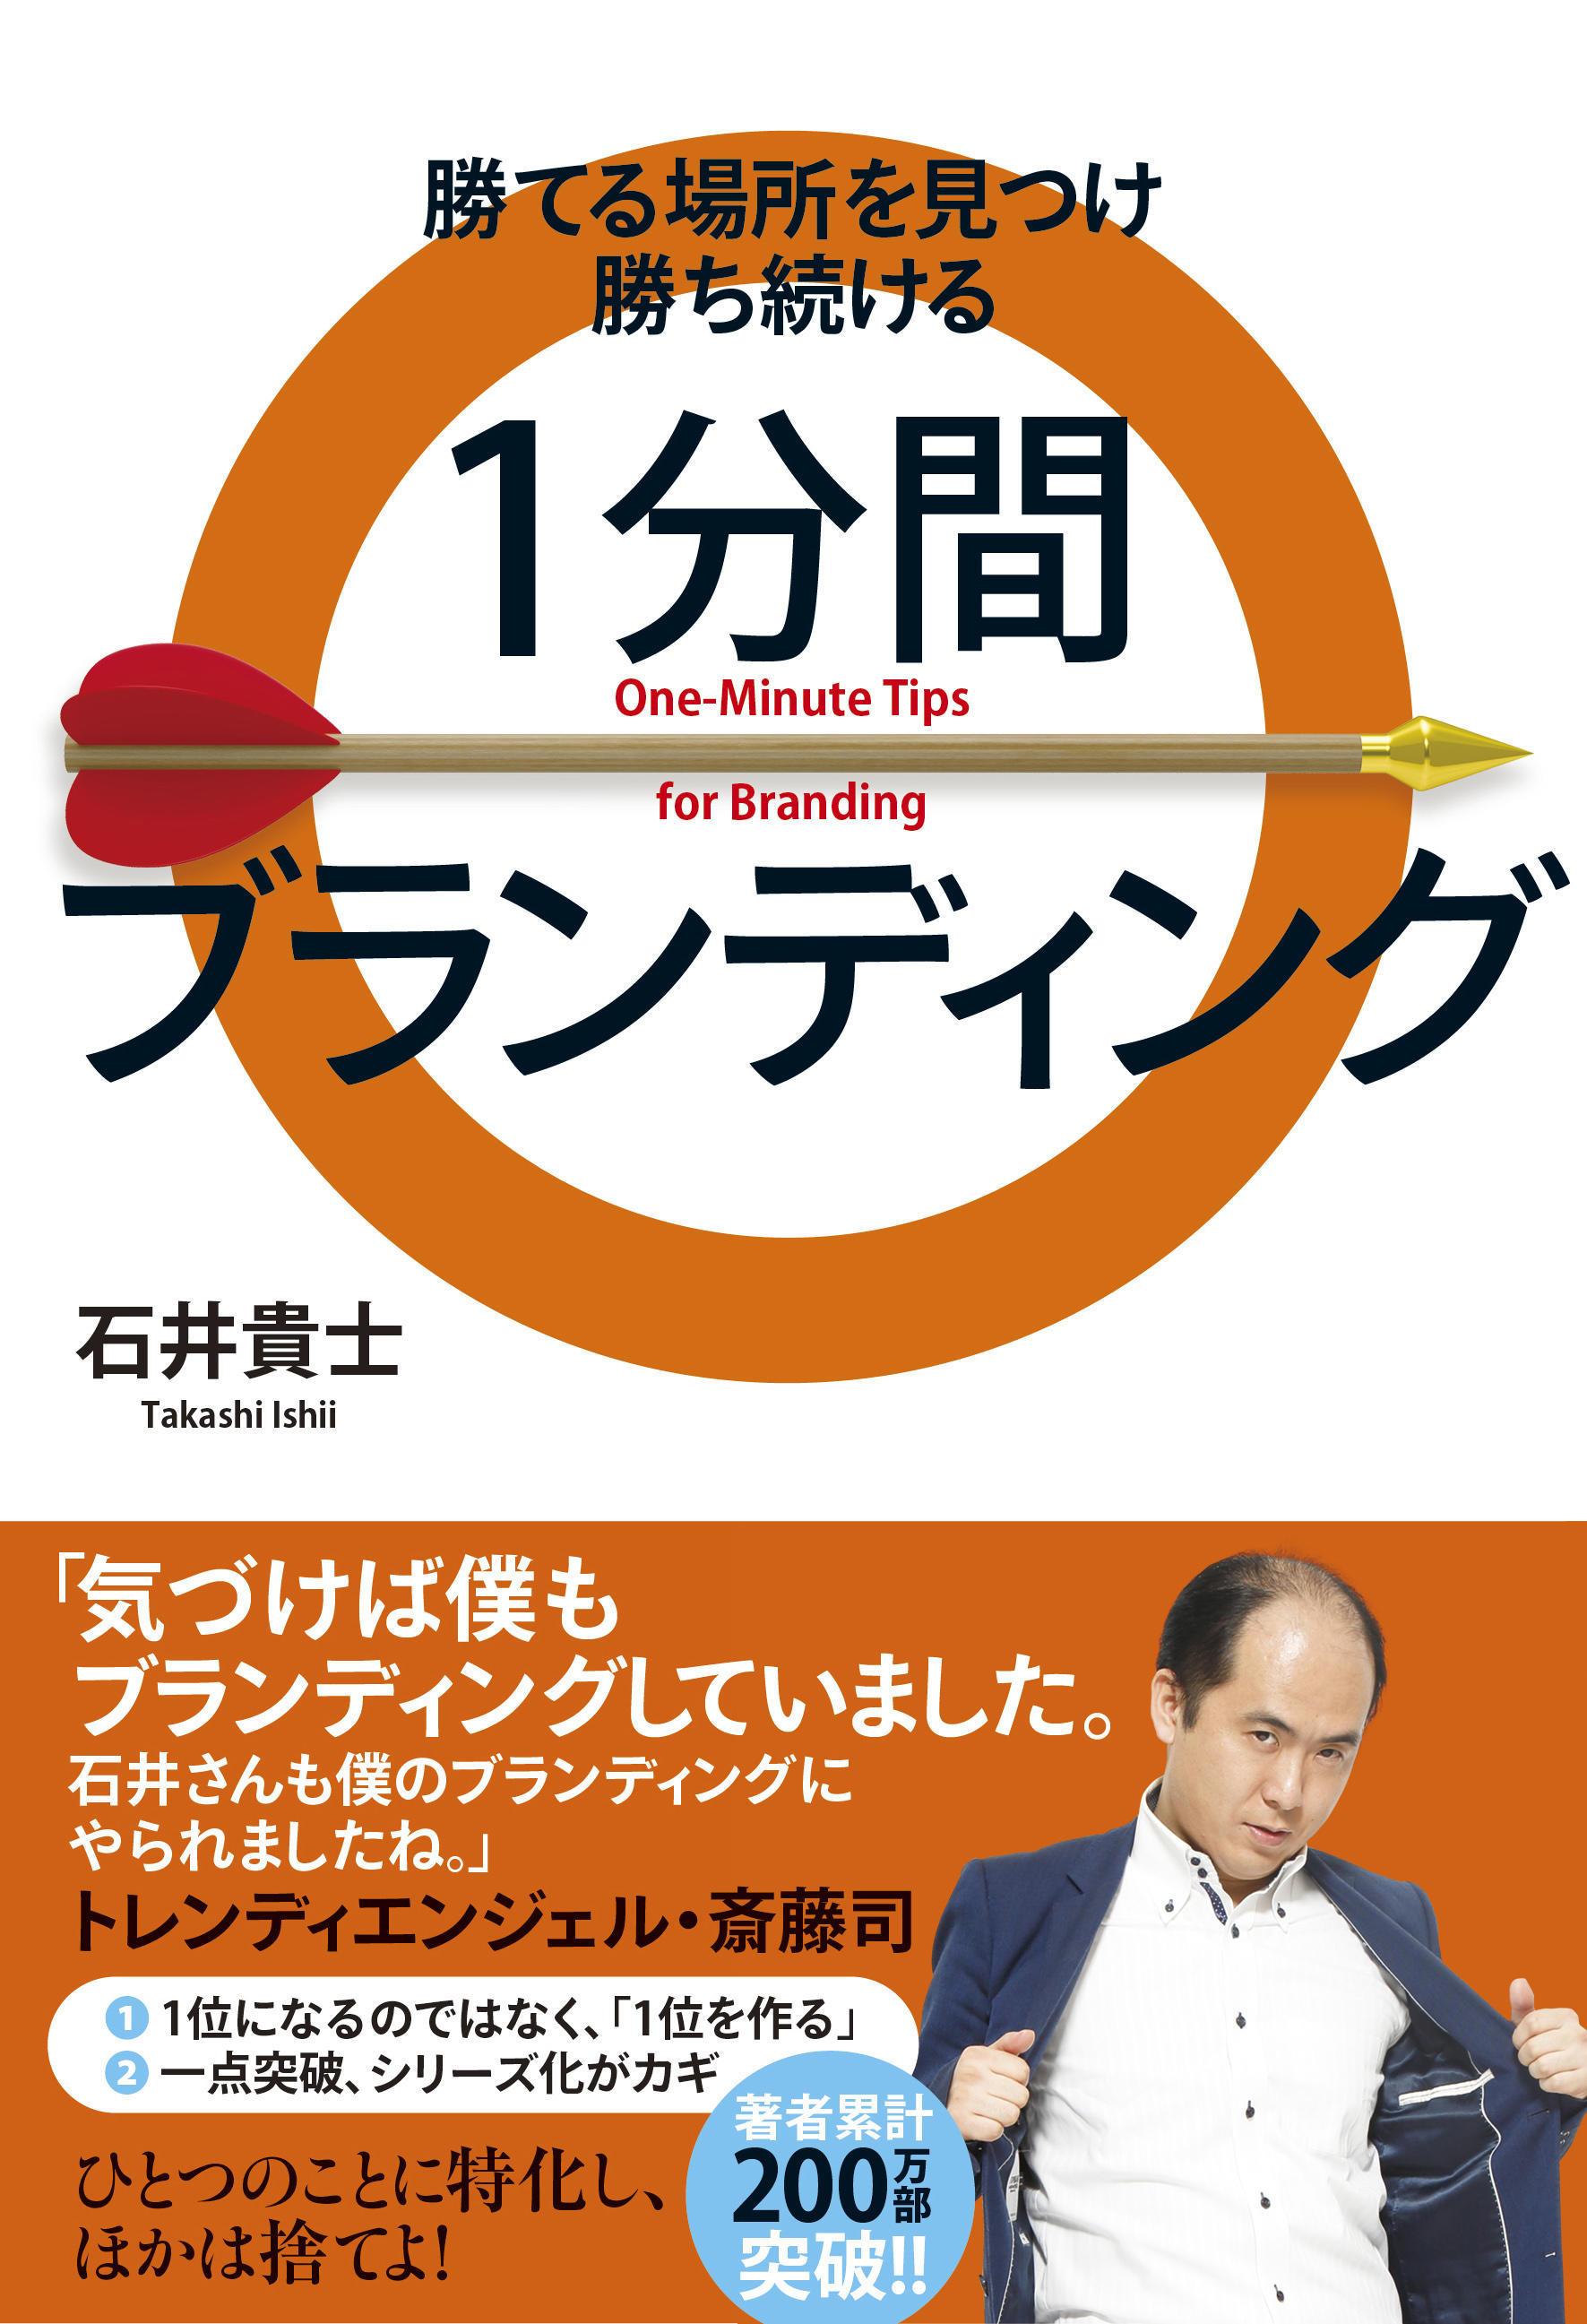 http://news.yoshimoto.co.jp/20170303205506-fa11a363ec3d94d2bfc217e29f03997dbc5aa610.jpg